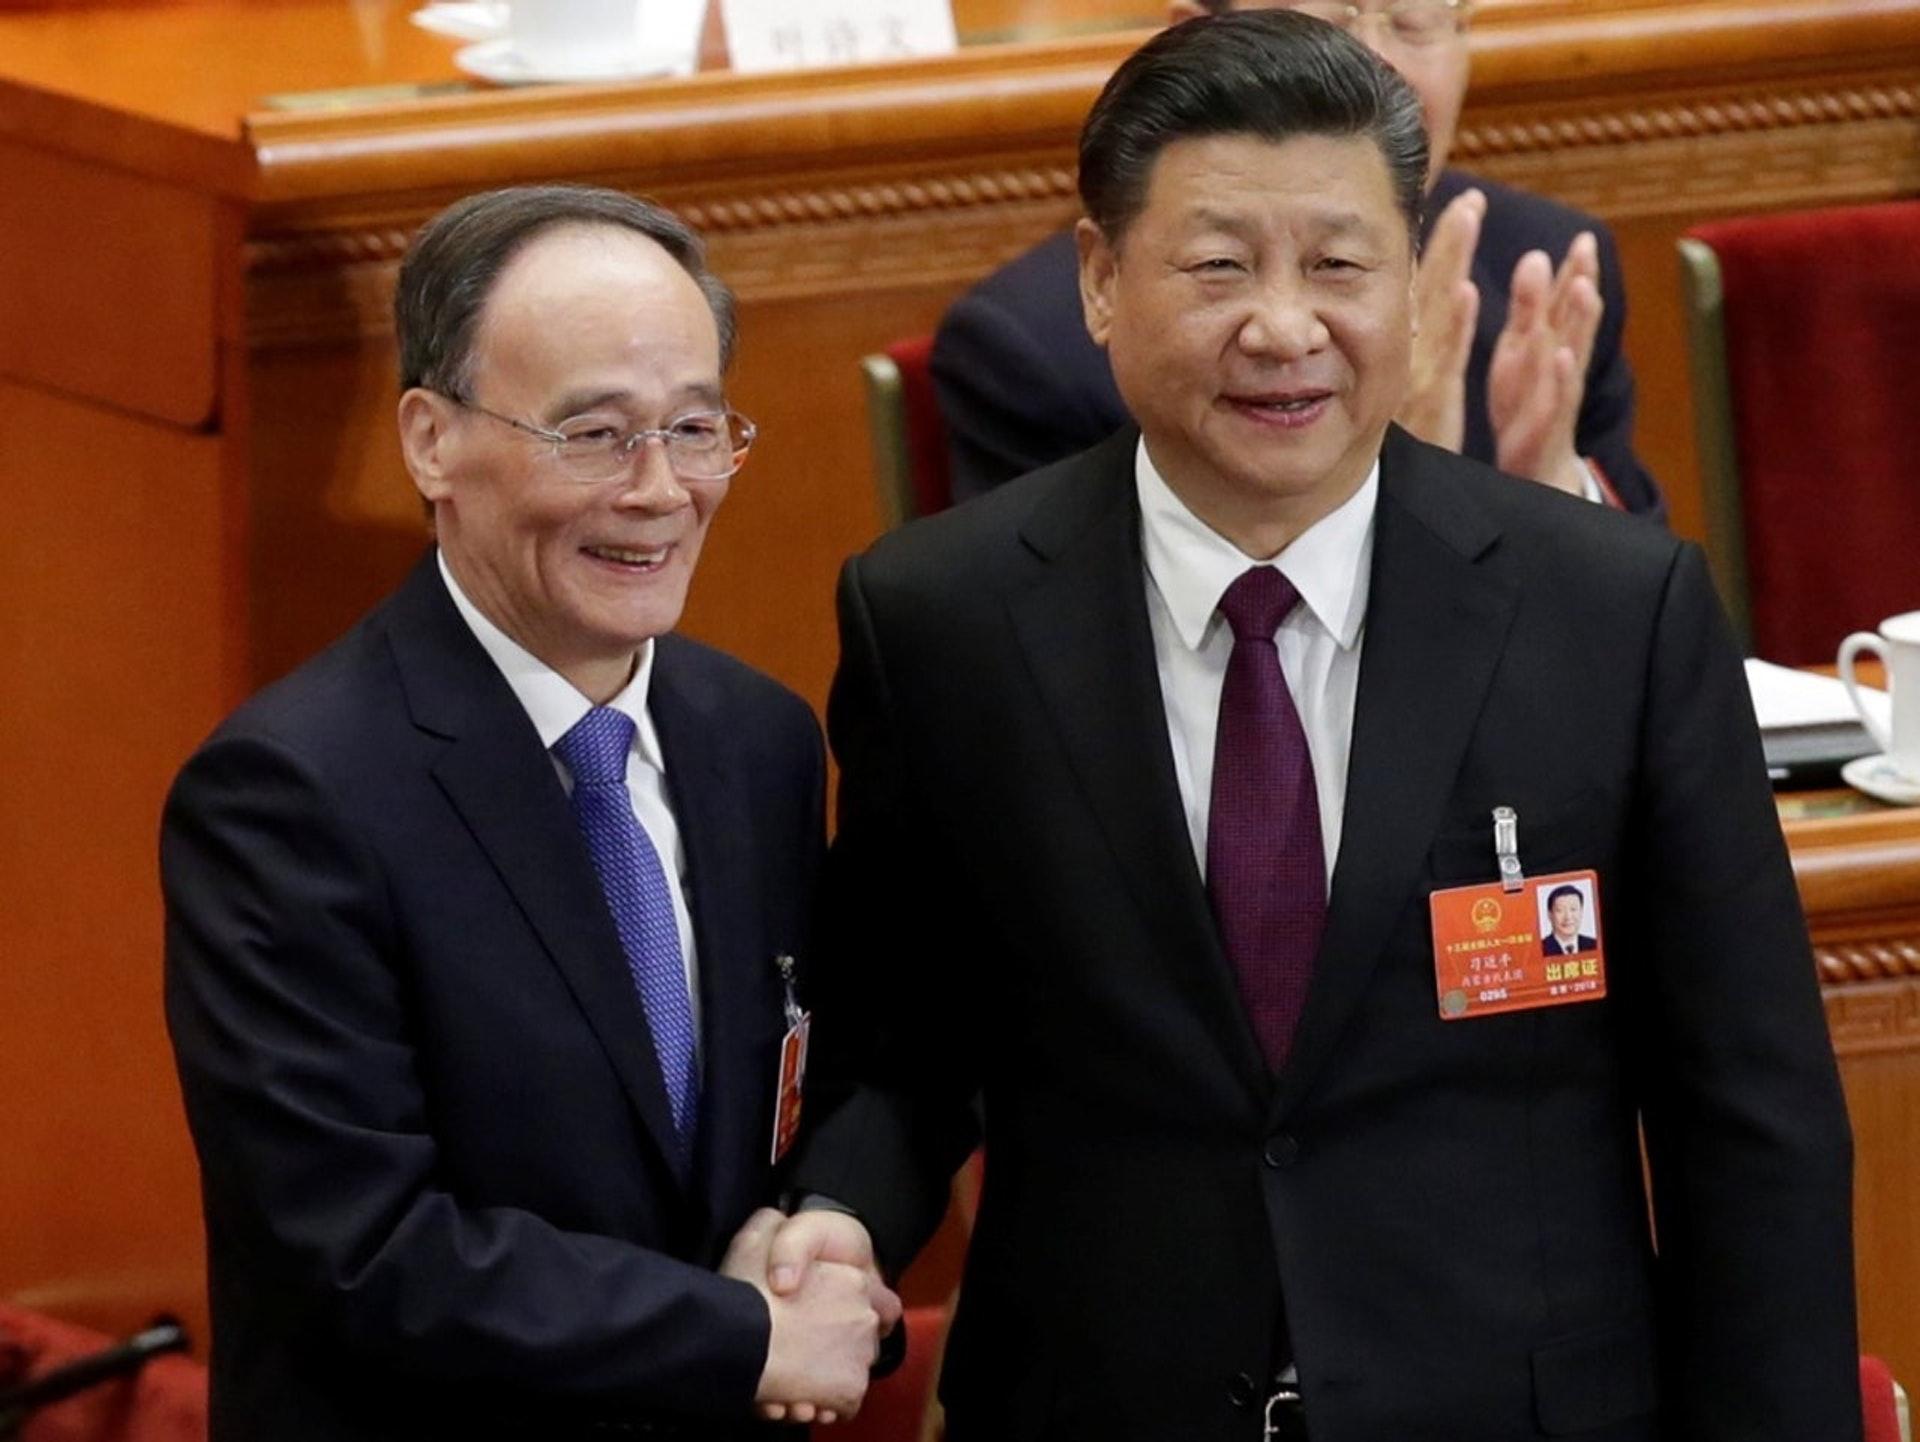 王岐山2018年3月以一名普通中共党员的身份「超龄」(时年70岁)当选中国国家副主席。(资料图片)